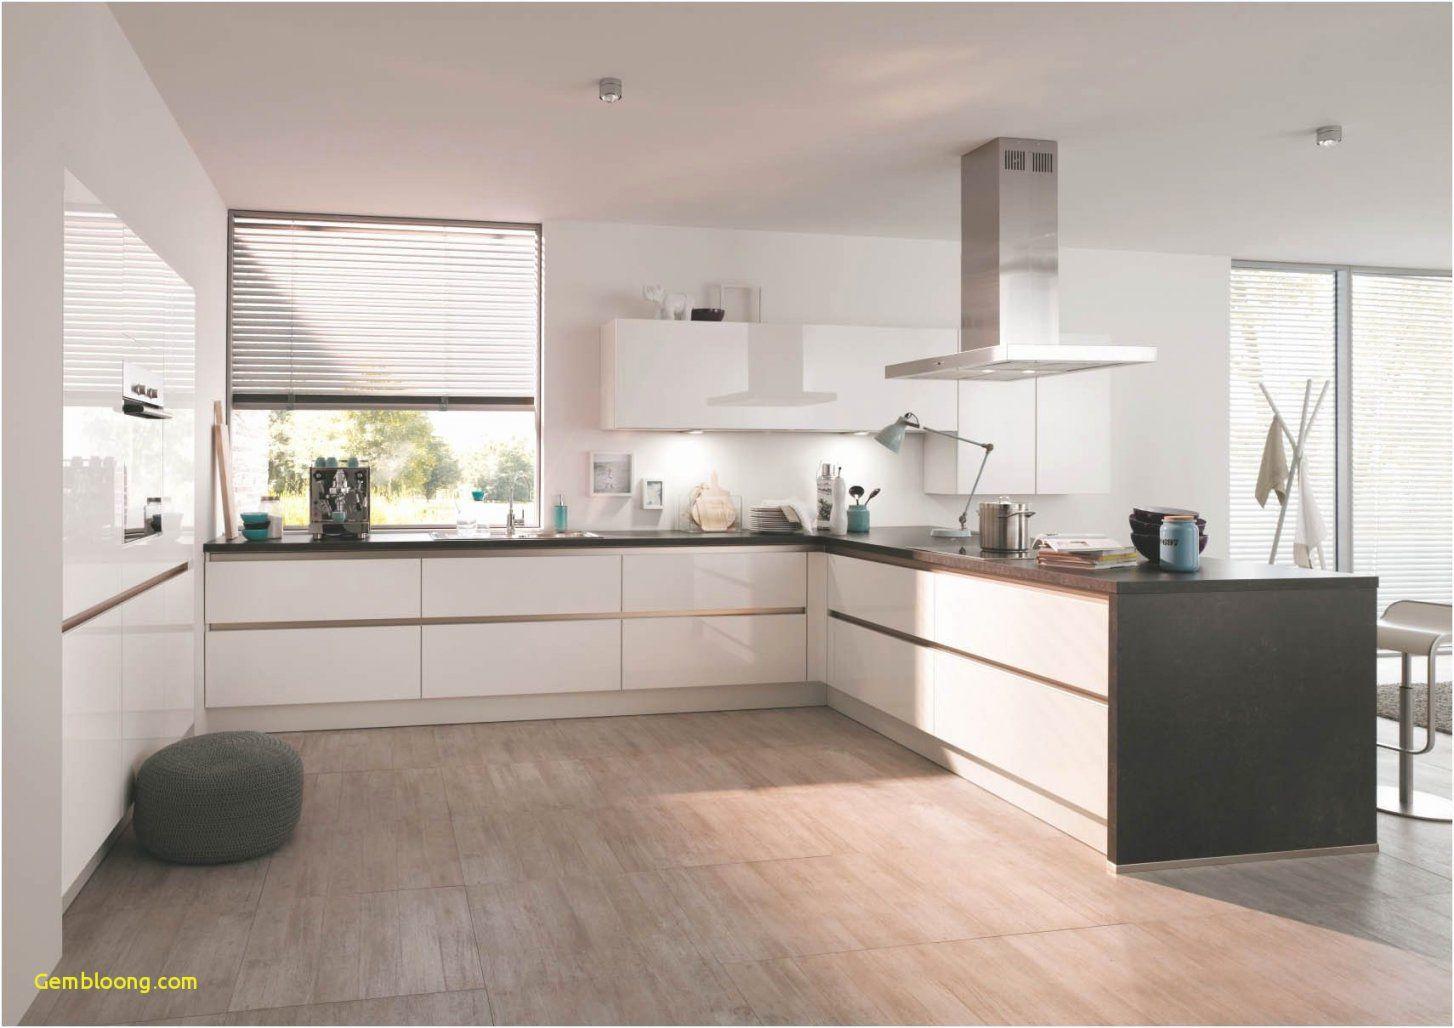 Küchen Modern U Form Wunderbar Moderne Küchen In U Form Grau von Küchen Modern U Form Photo